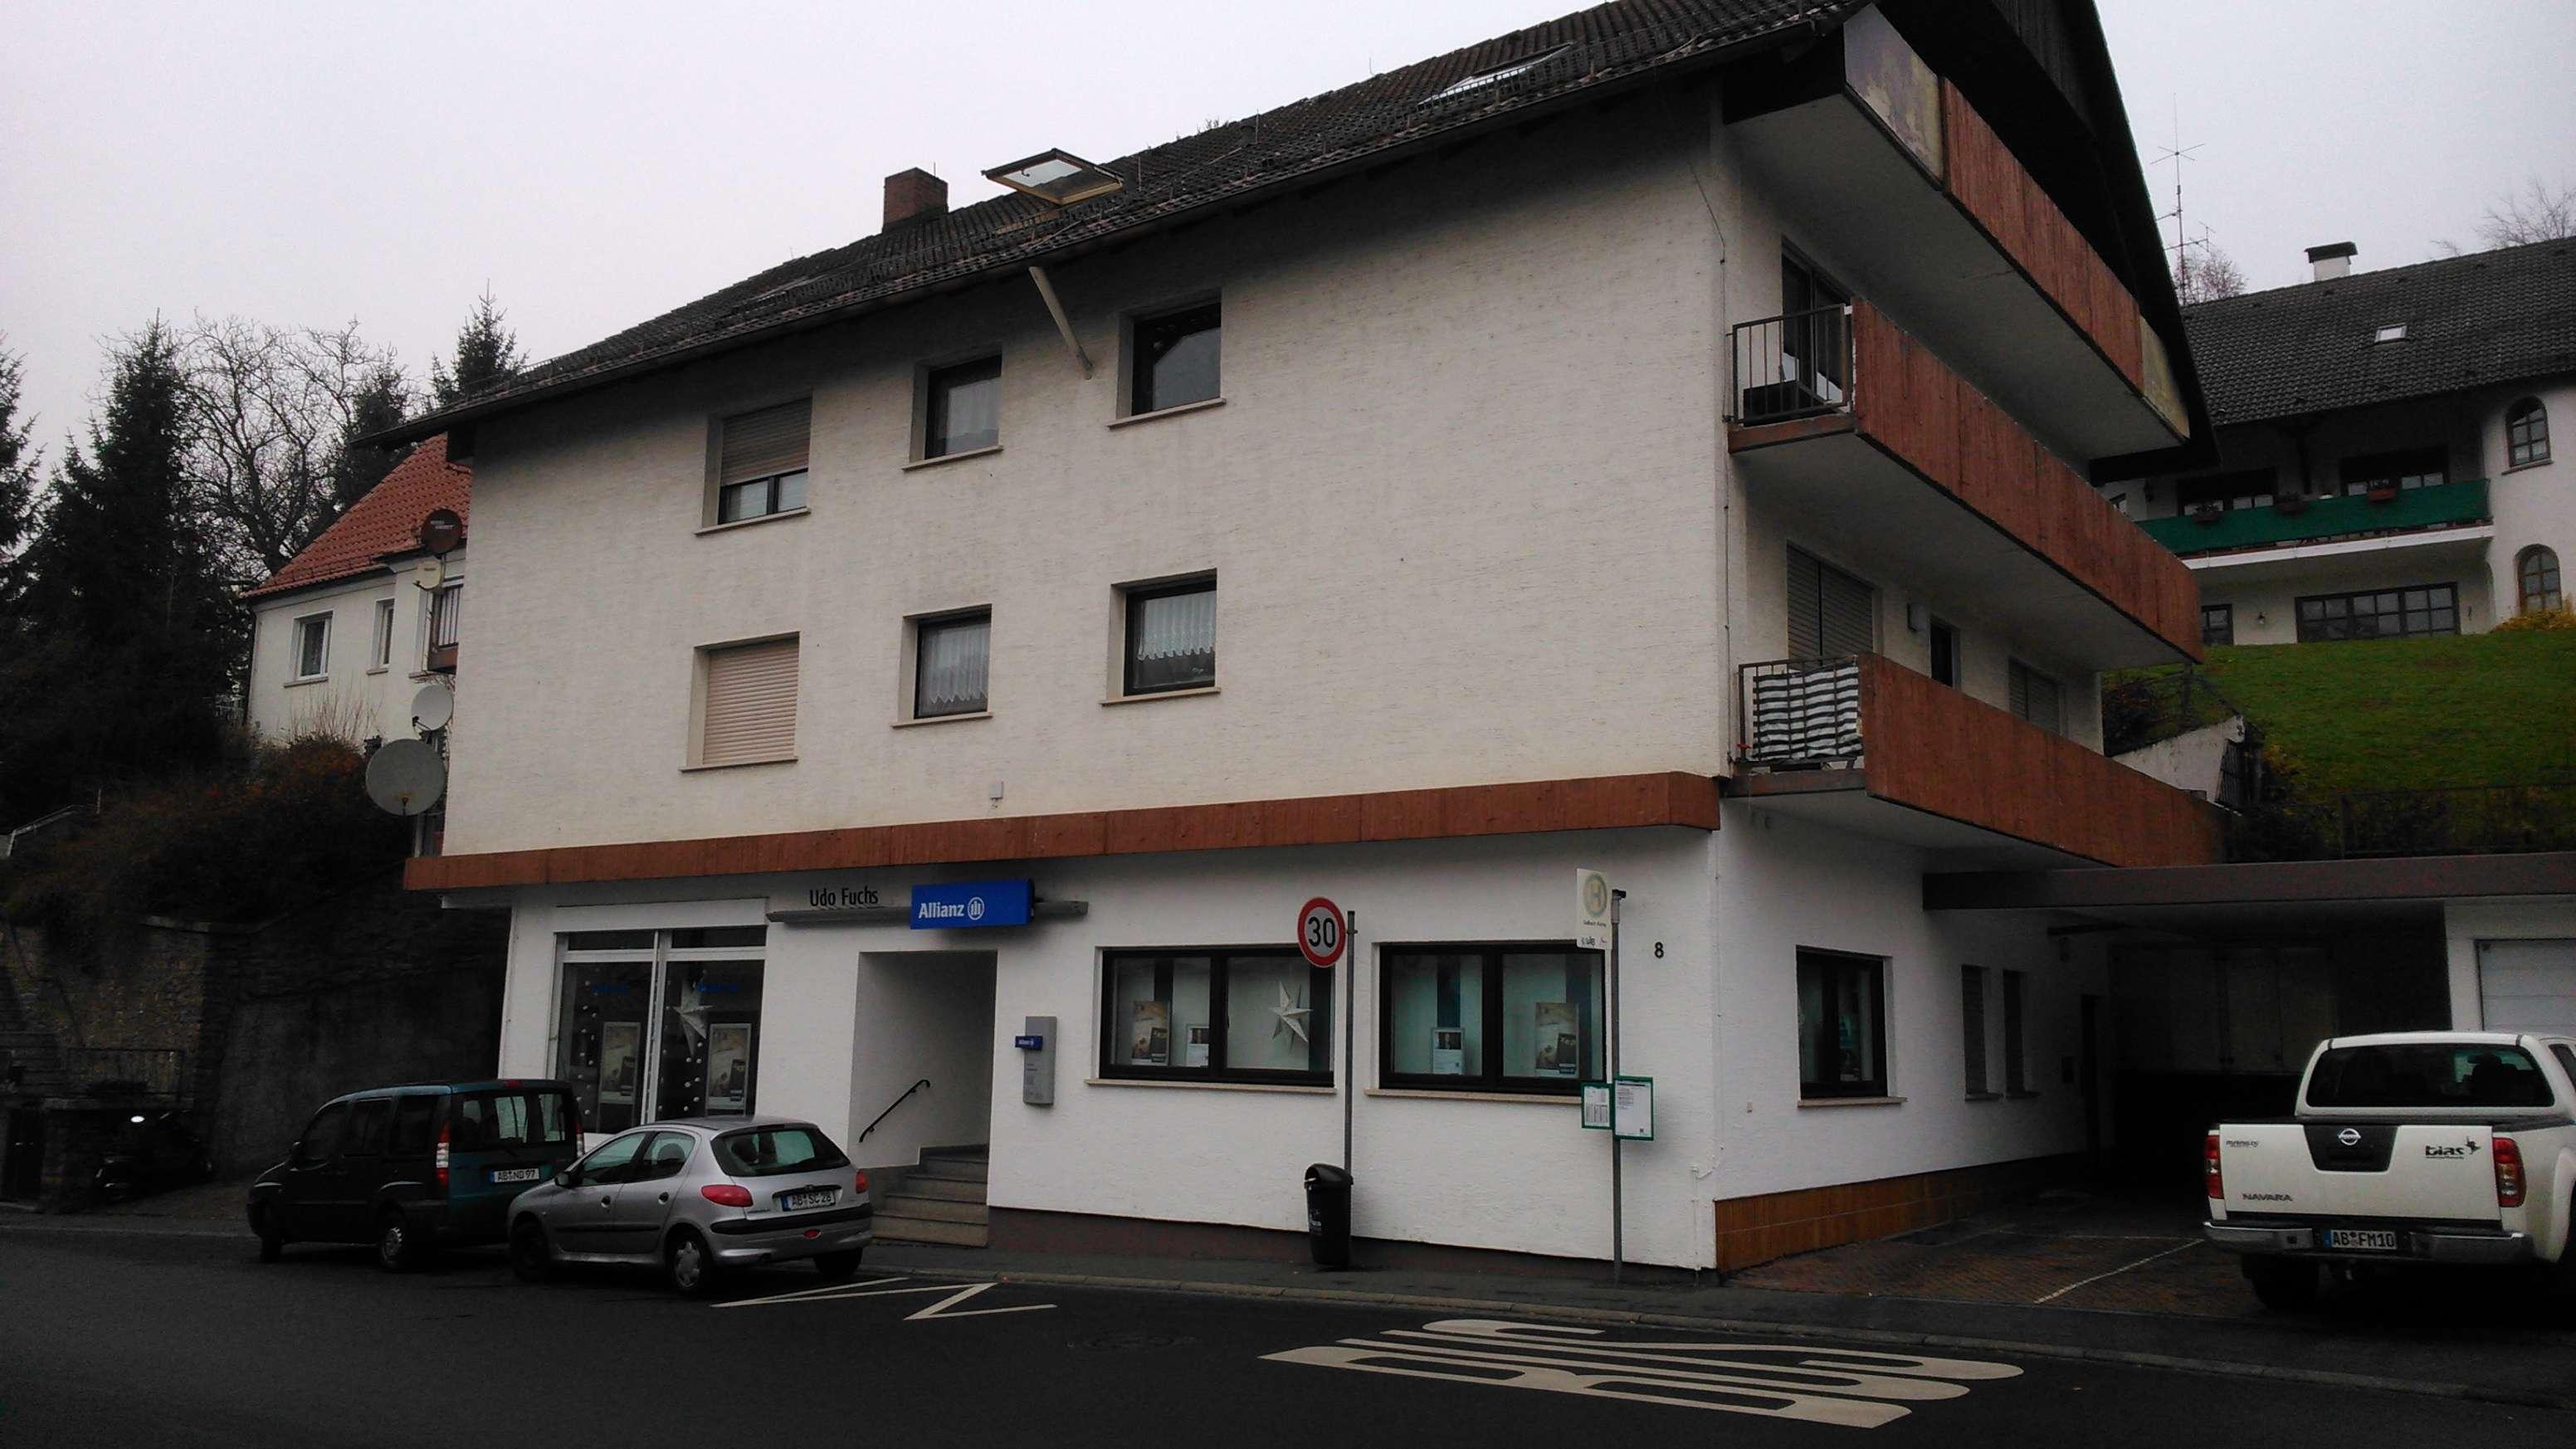 2-Zi.-DG-Wohnung mit Balkon und Stellplatz in Aschaffenburg-Gailbach zu vermieten! in Gailbach (Aschaffenburg)